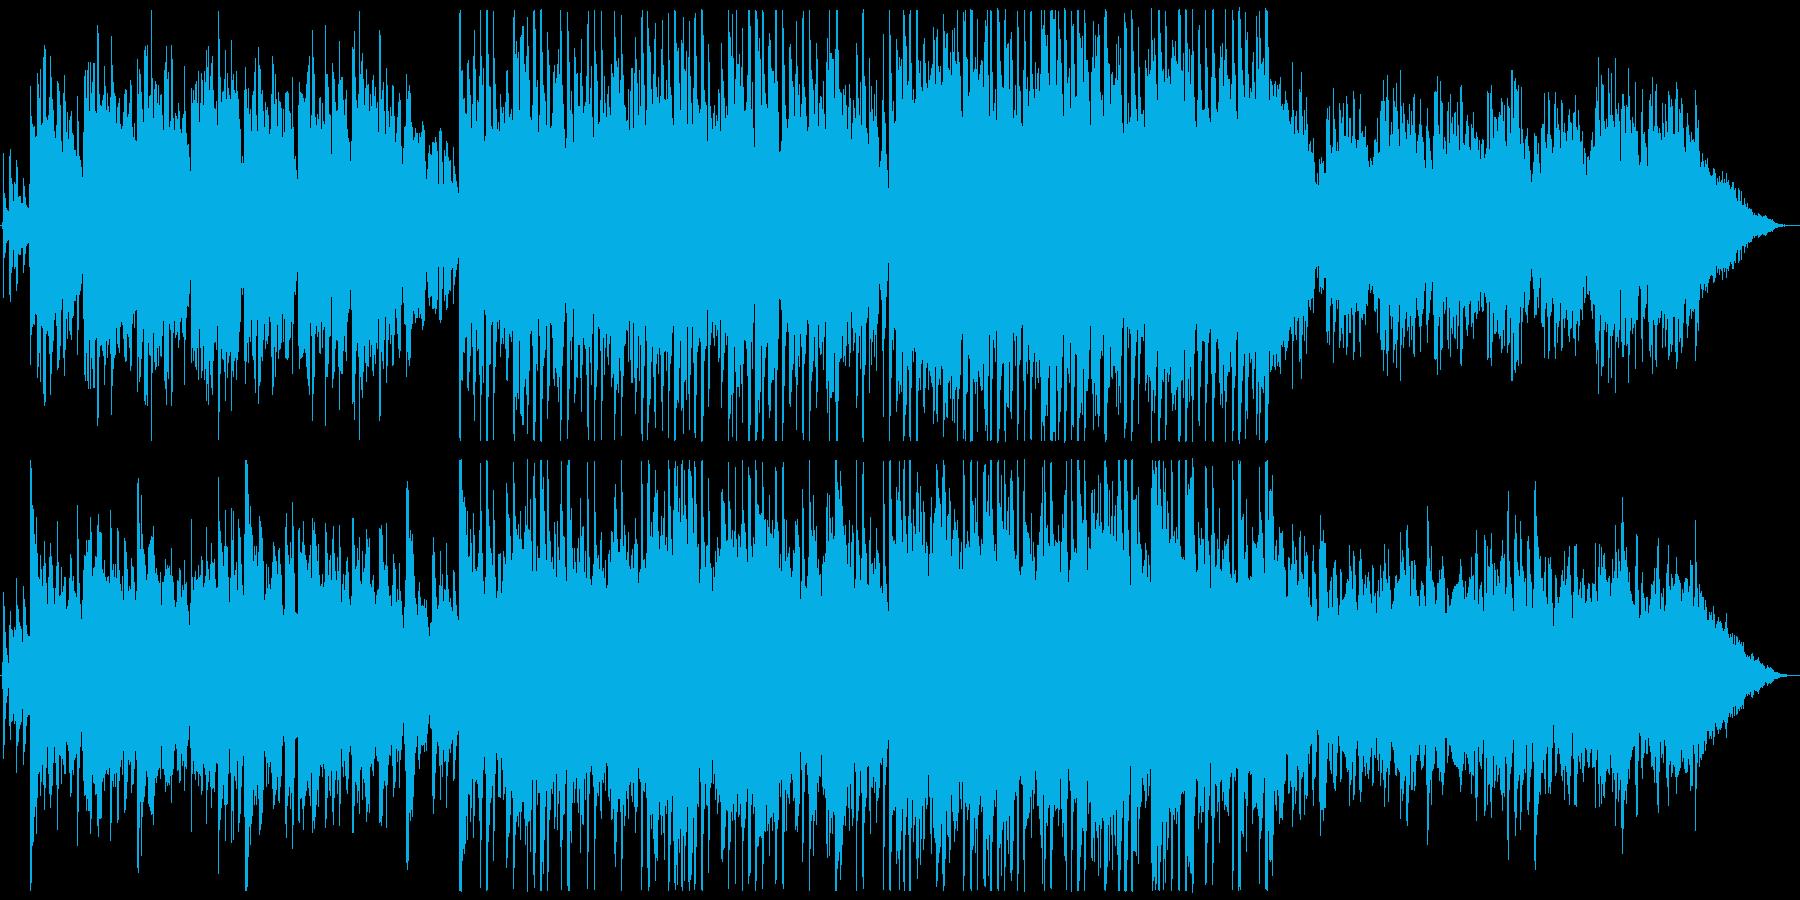 ピアノベースの神秘的な曲の再生済みの波形